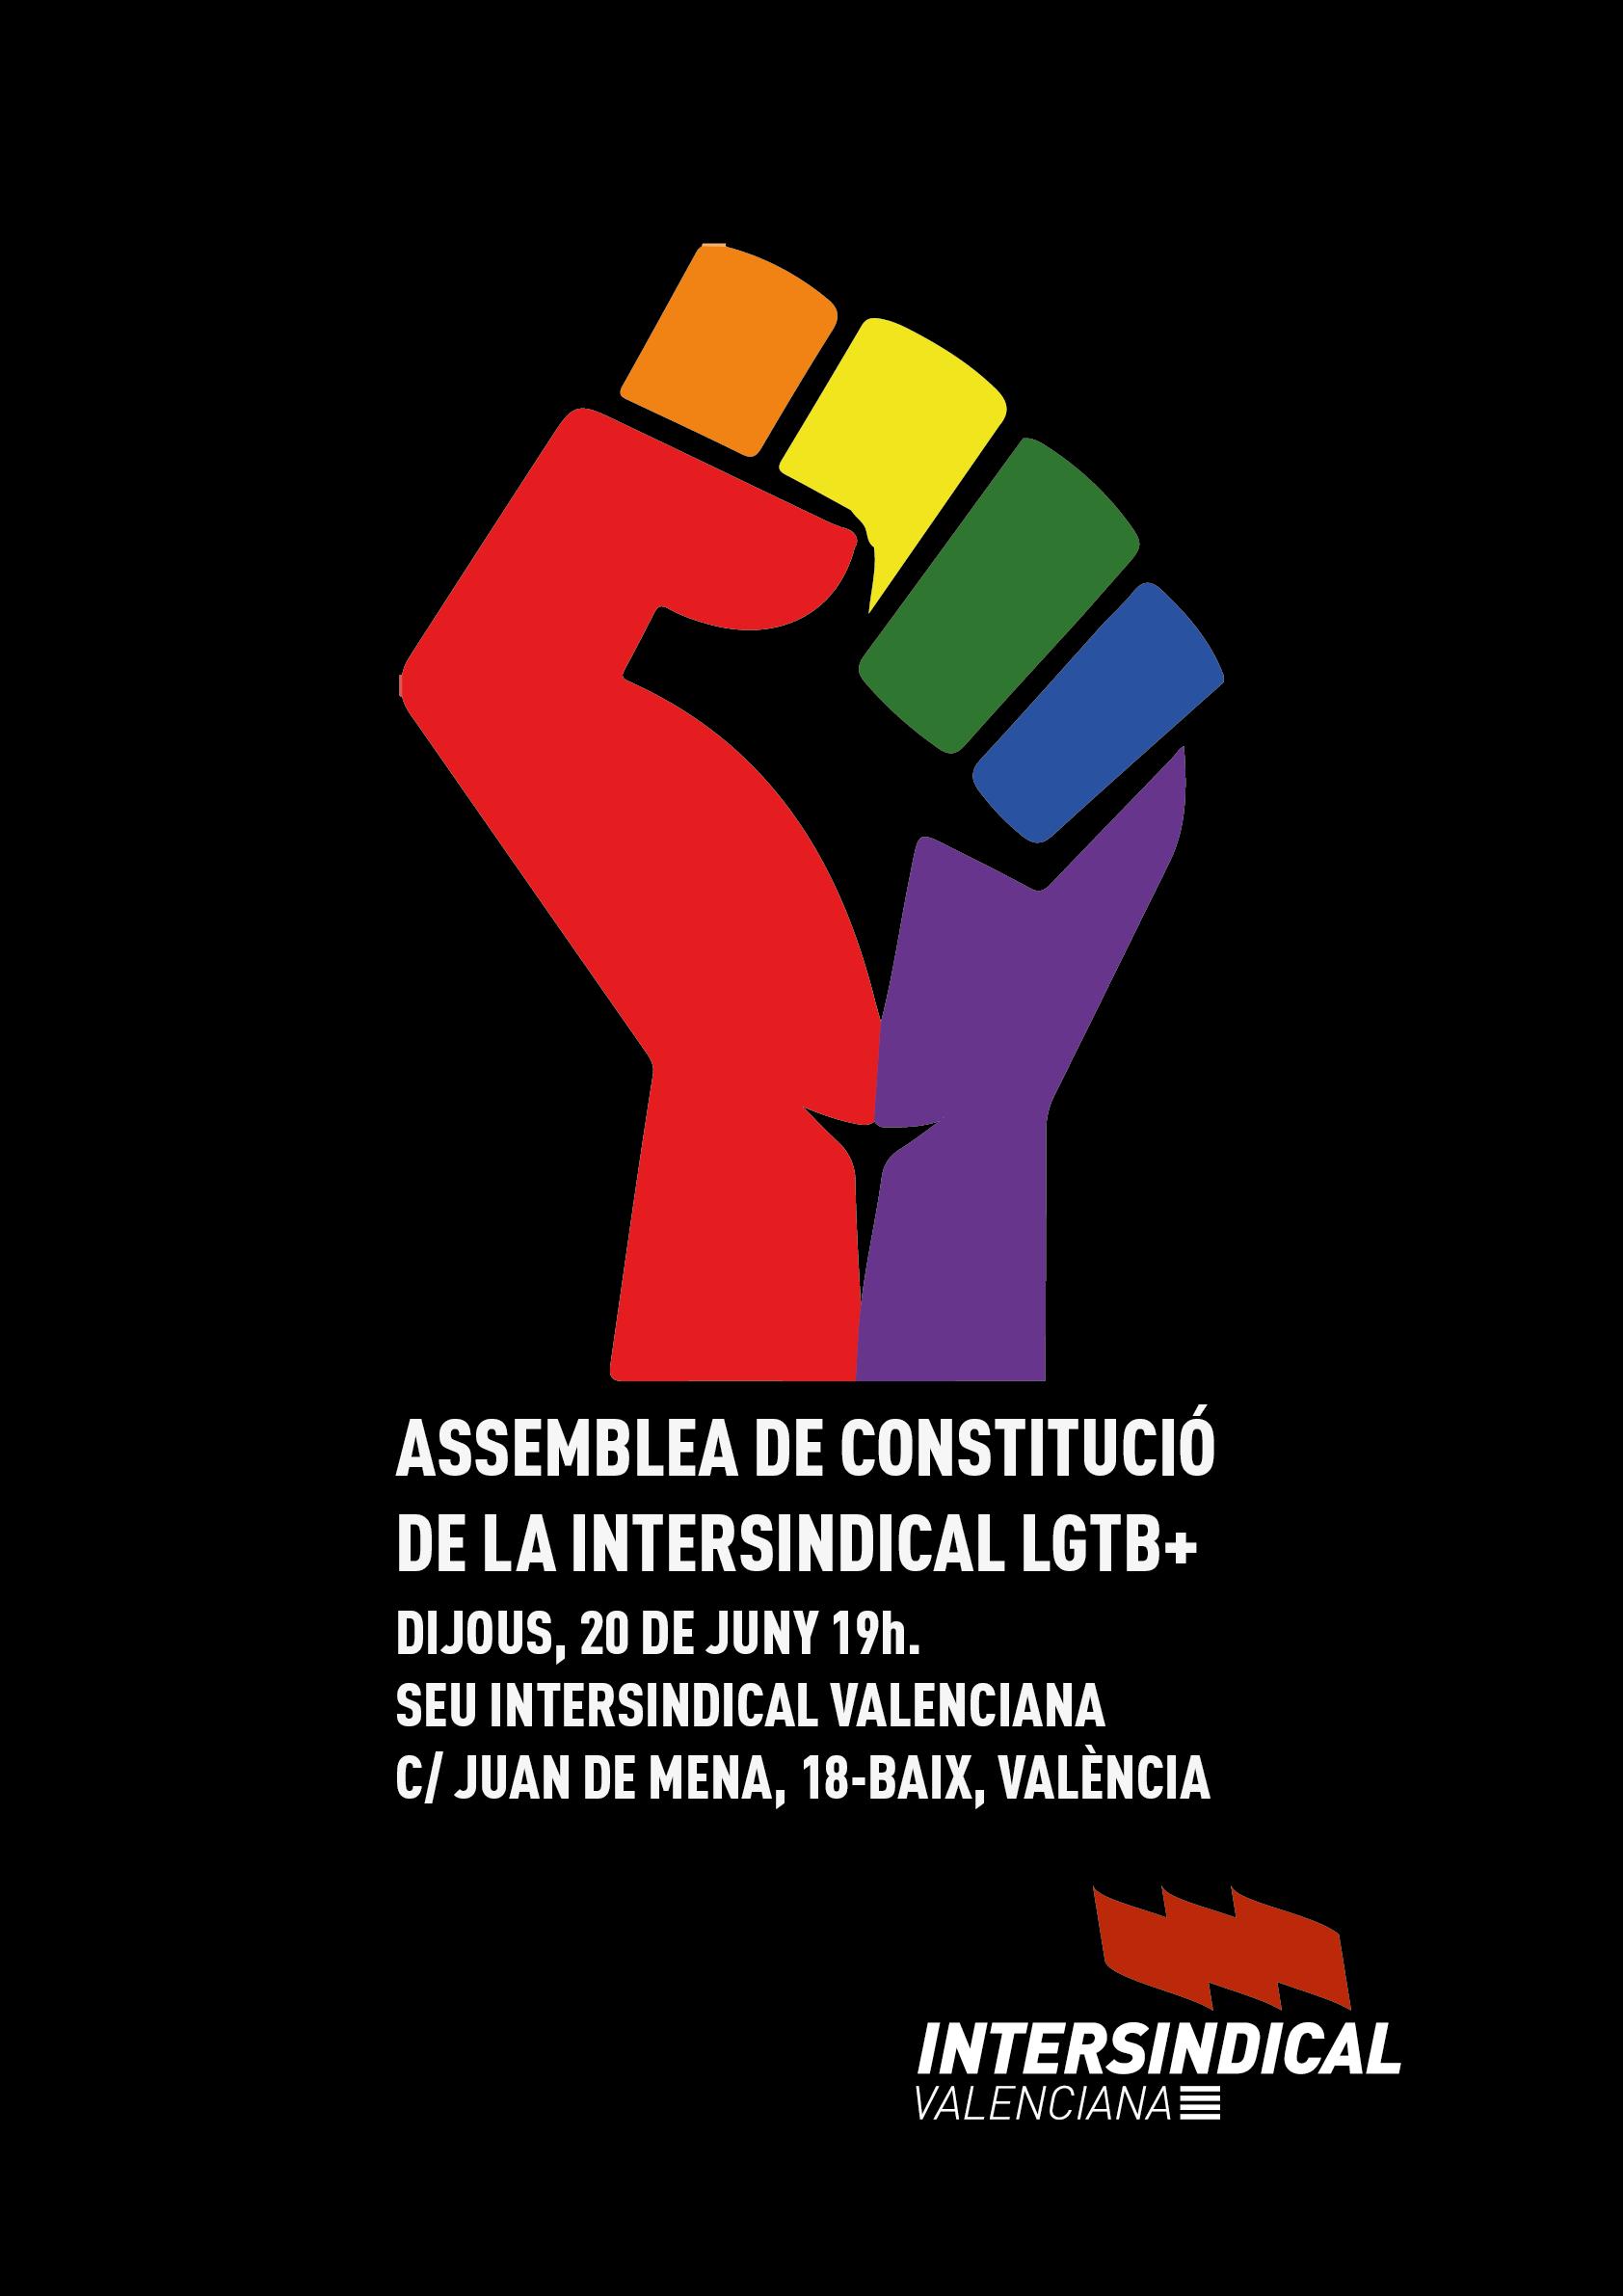 Intersindical Valenciana constitueix l'àrea LGTB+